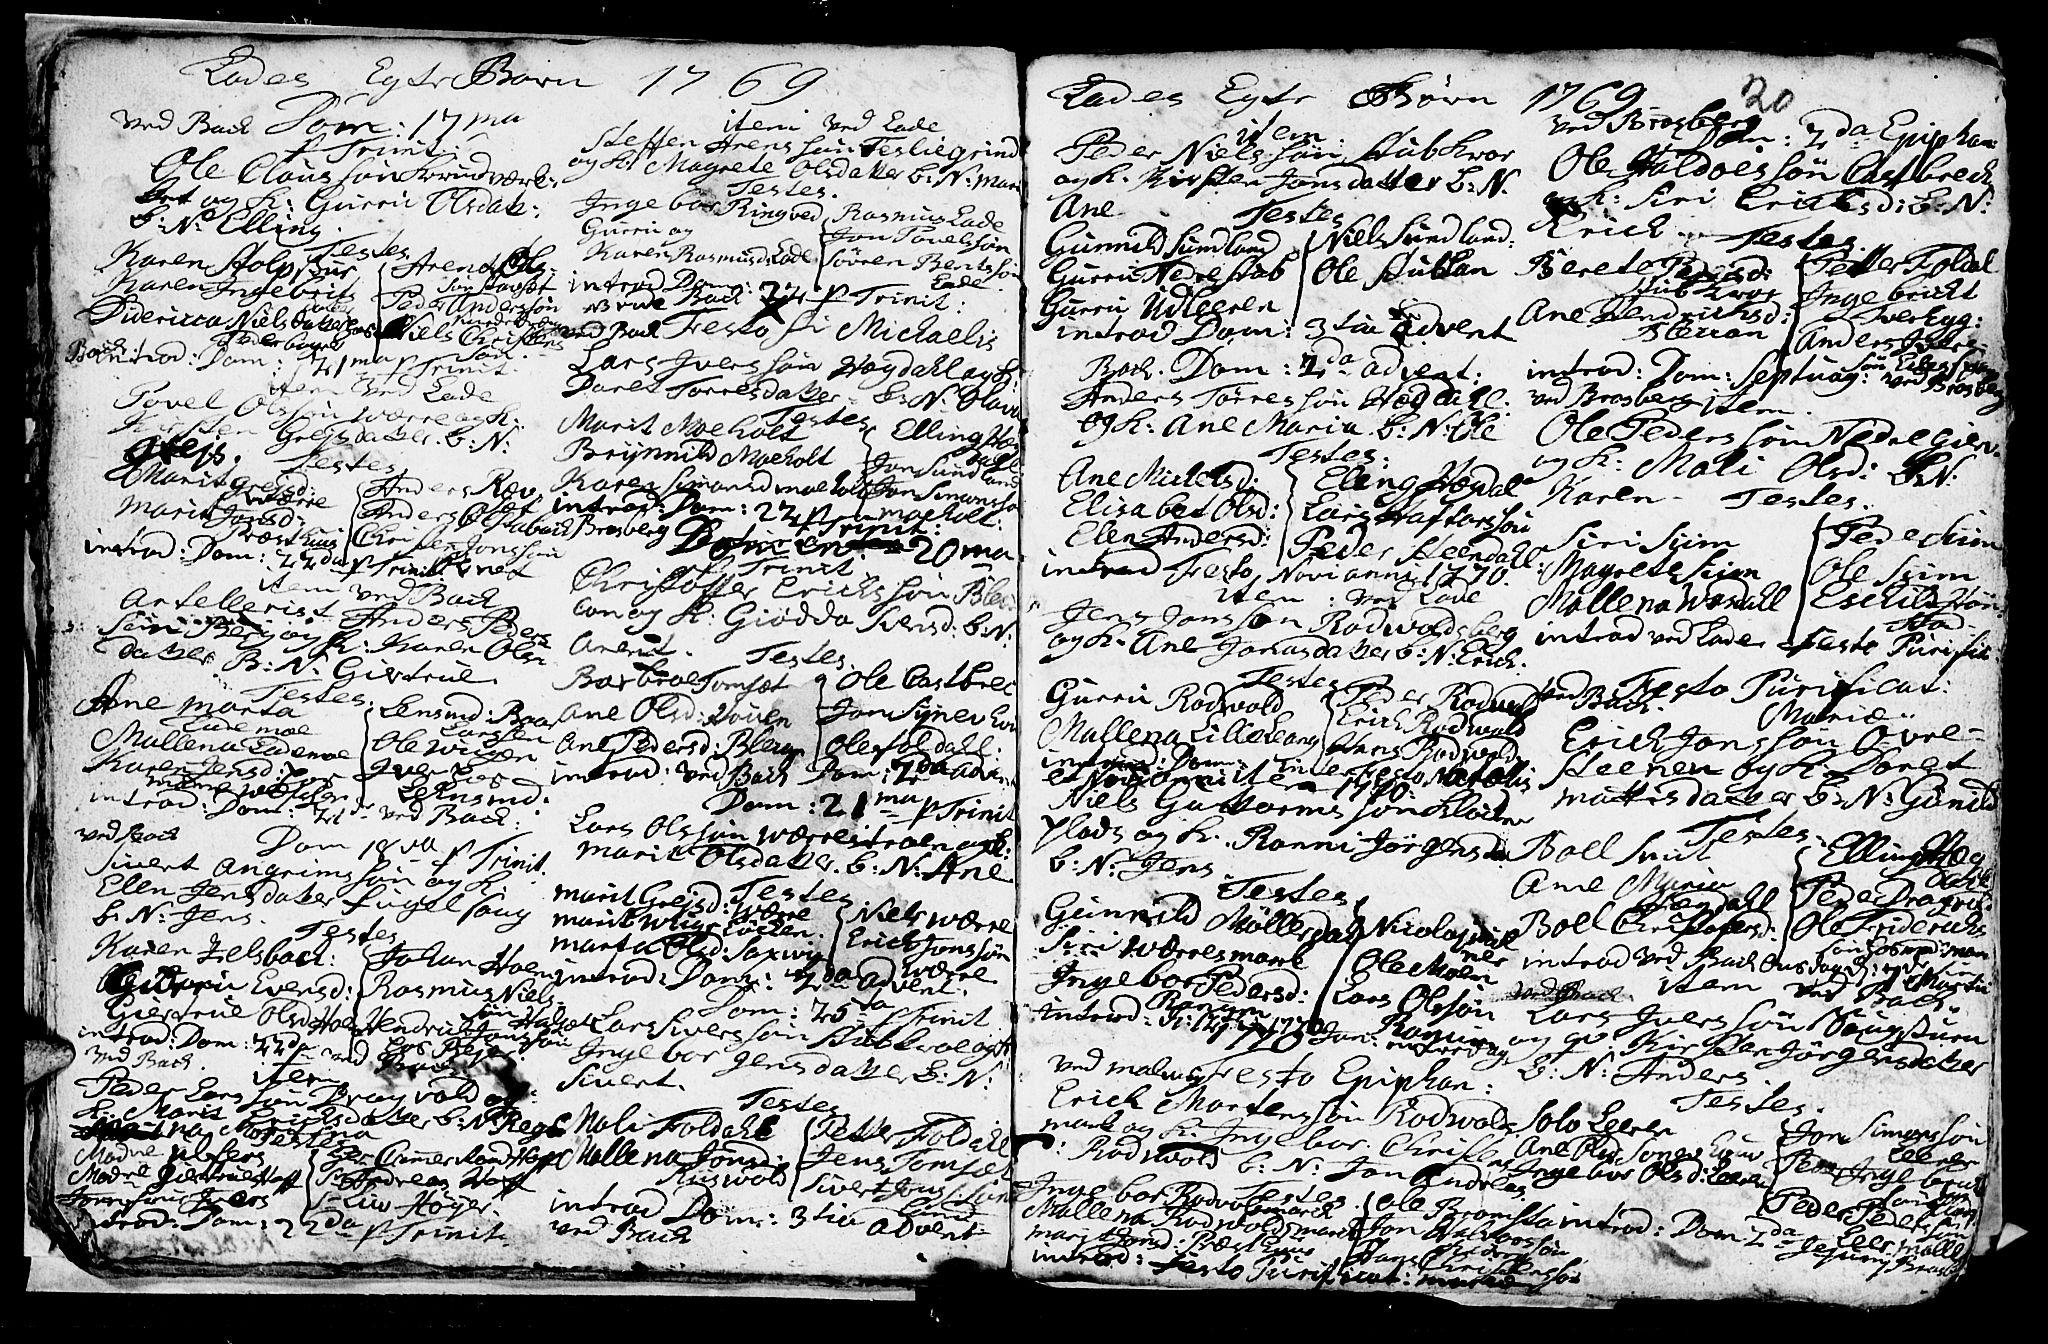 SAT, Ministerialprotokoller, klokkerbøker og fødselsregistre - Sør-Trøndelag, 606/L0305: Klokkerbok nr. 606C01, 1757-1819, s. 20